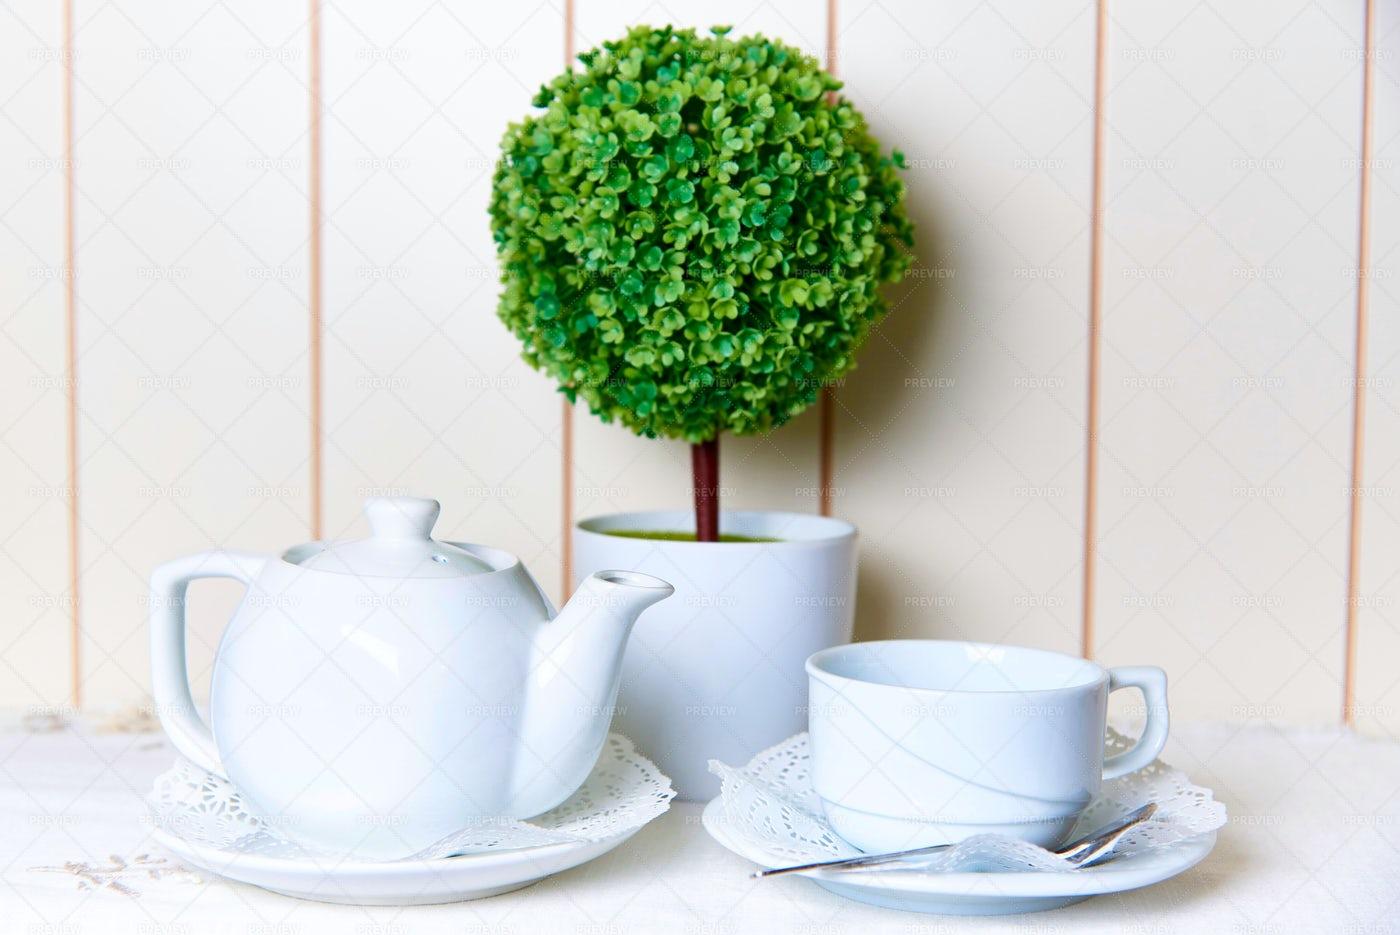 Teapot And Cup: Stock Photos